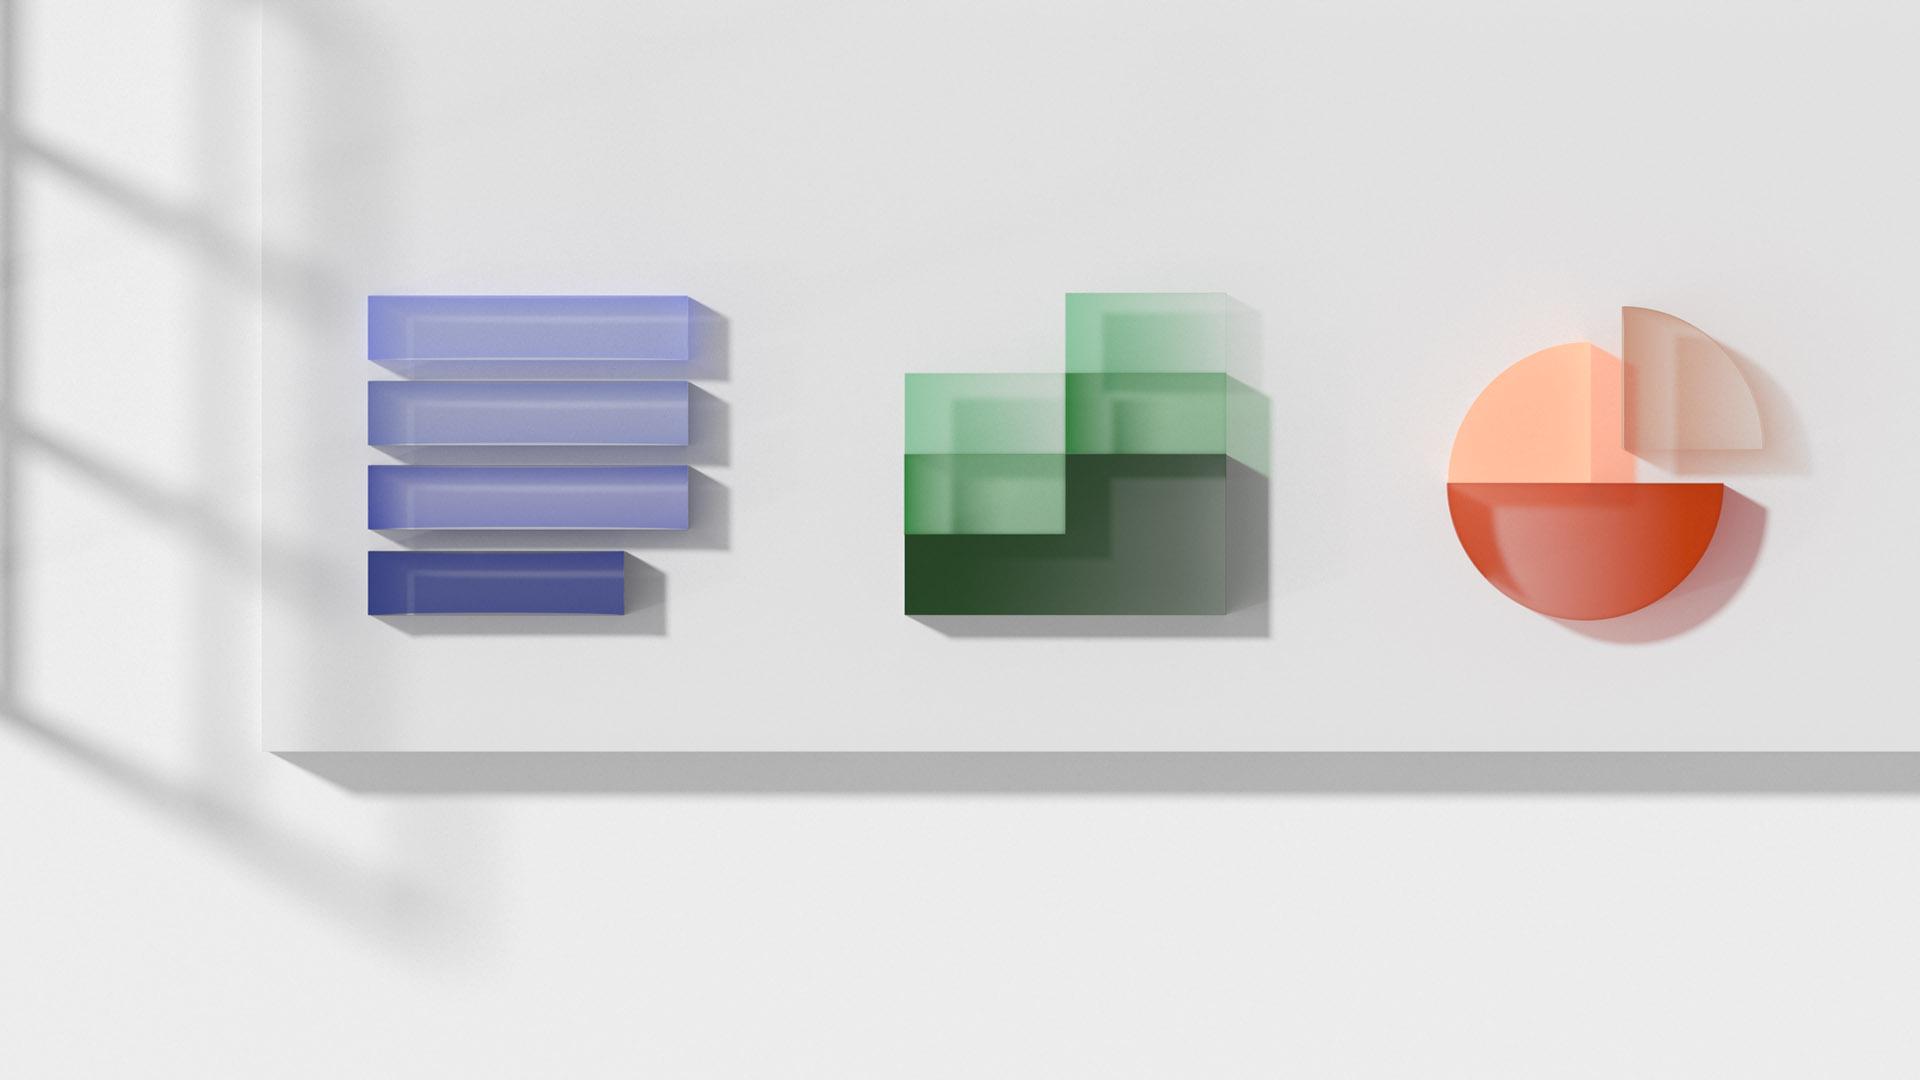 Flat_Icons_01B.jpg